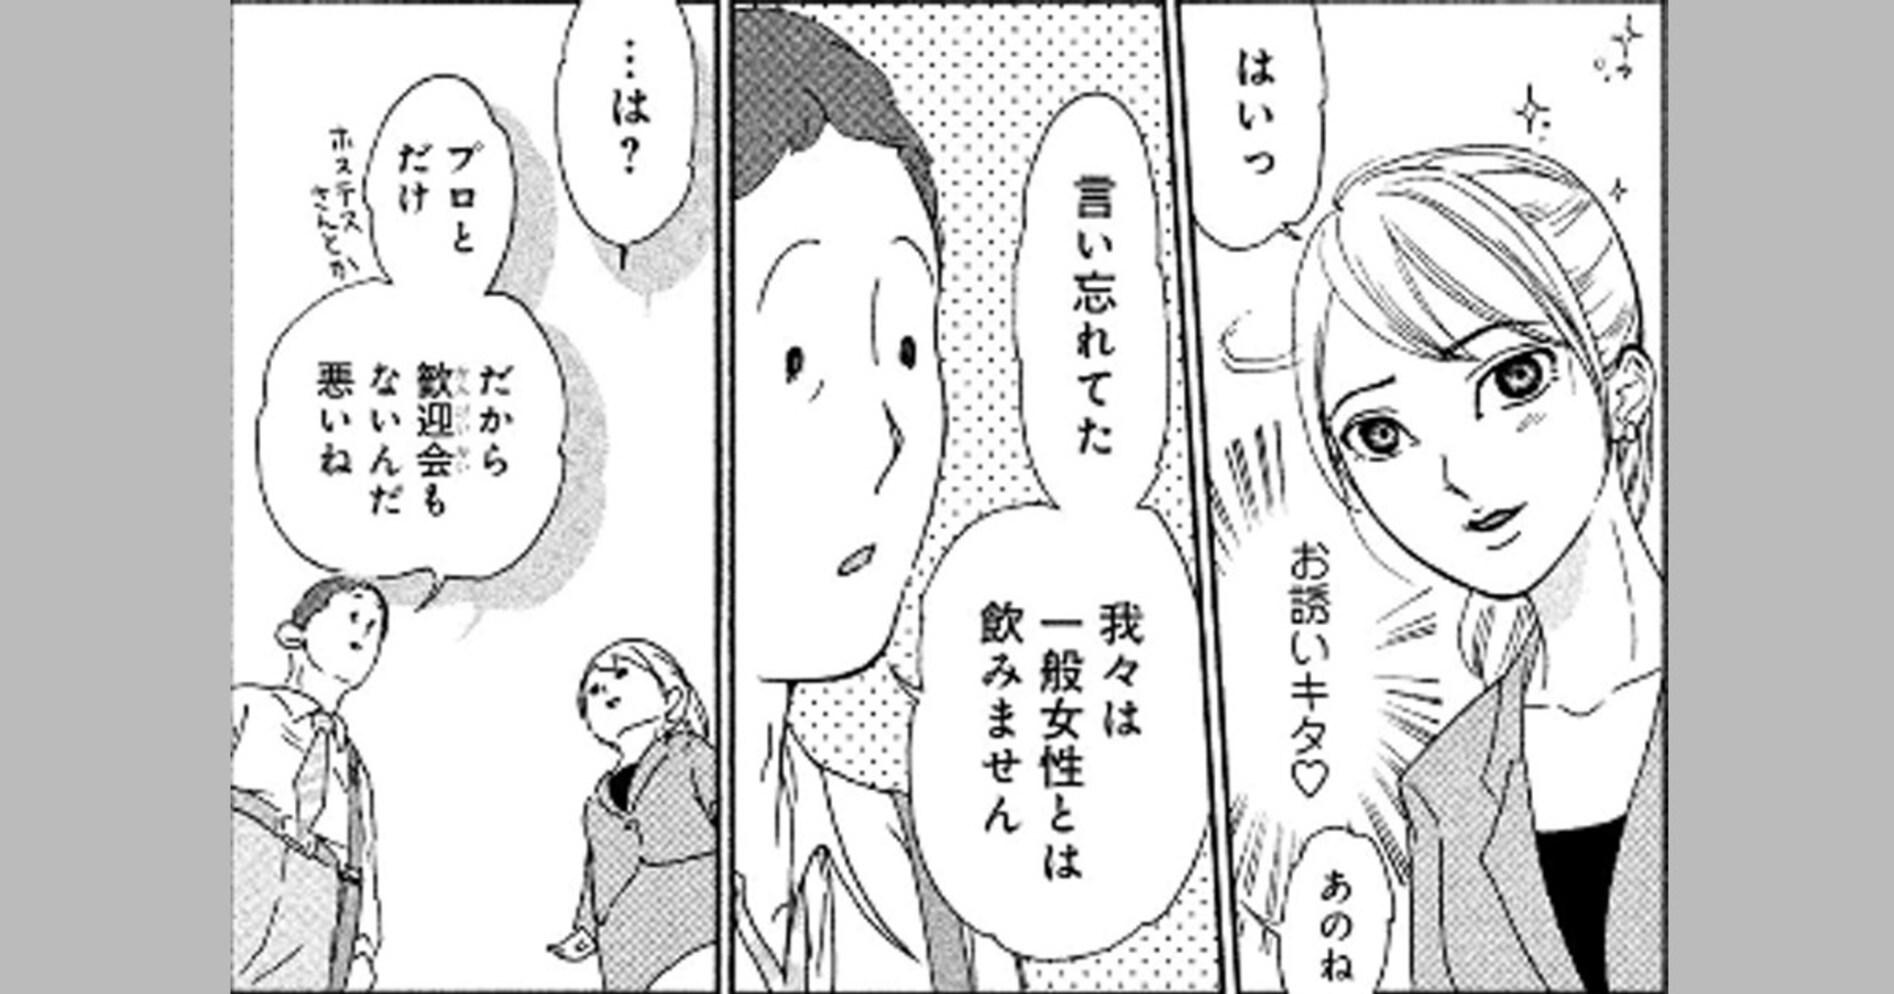 いいじゃんハラミ会(ハラスメントを未然に防ぐ会)! 「女性差別」批判がお門違いなワケ